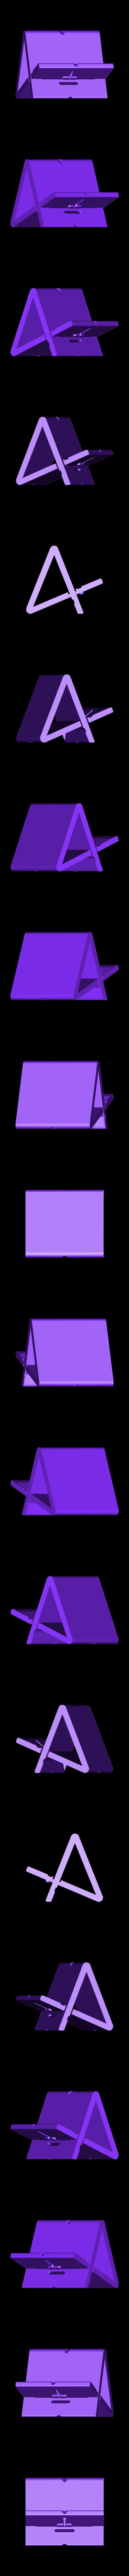 Apad_by_Apex_Studio..STL Télécharger fichier STL gratuit Apad | Station d'accueil Ipad à angle variable • Modèle à imprimer en 3D, Avooq